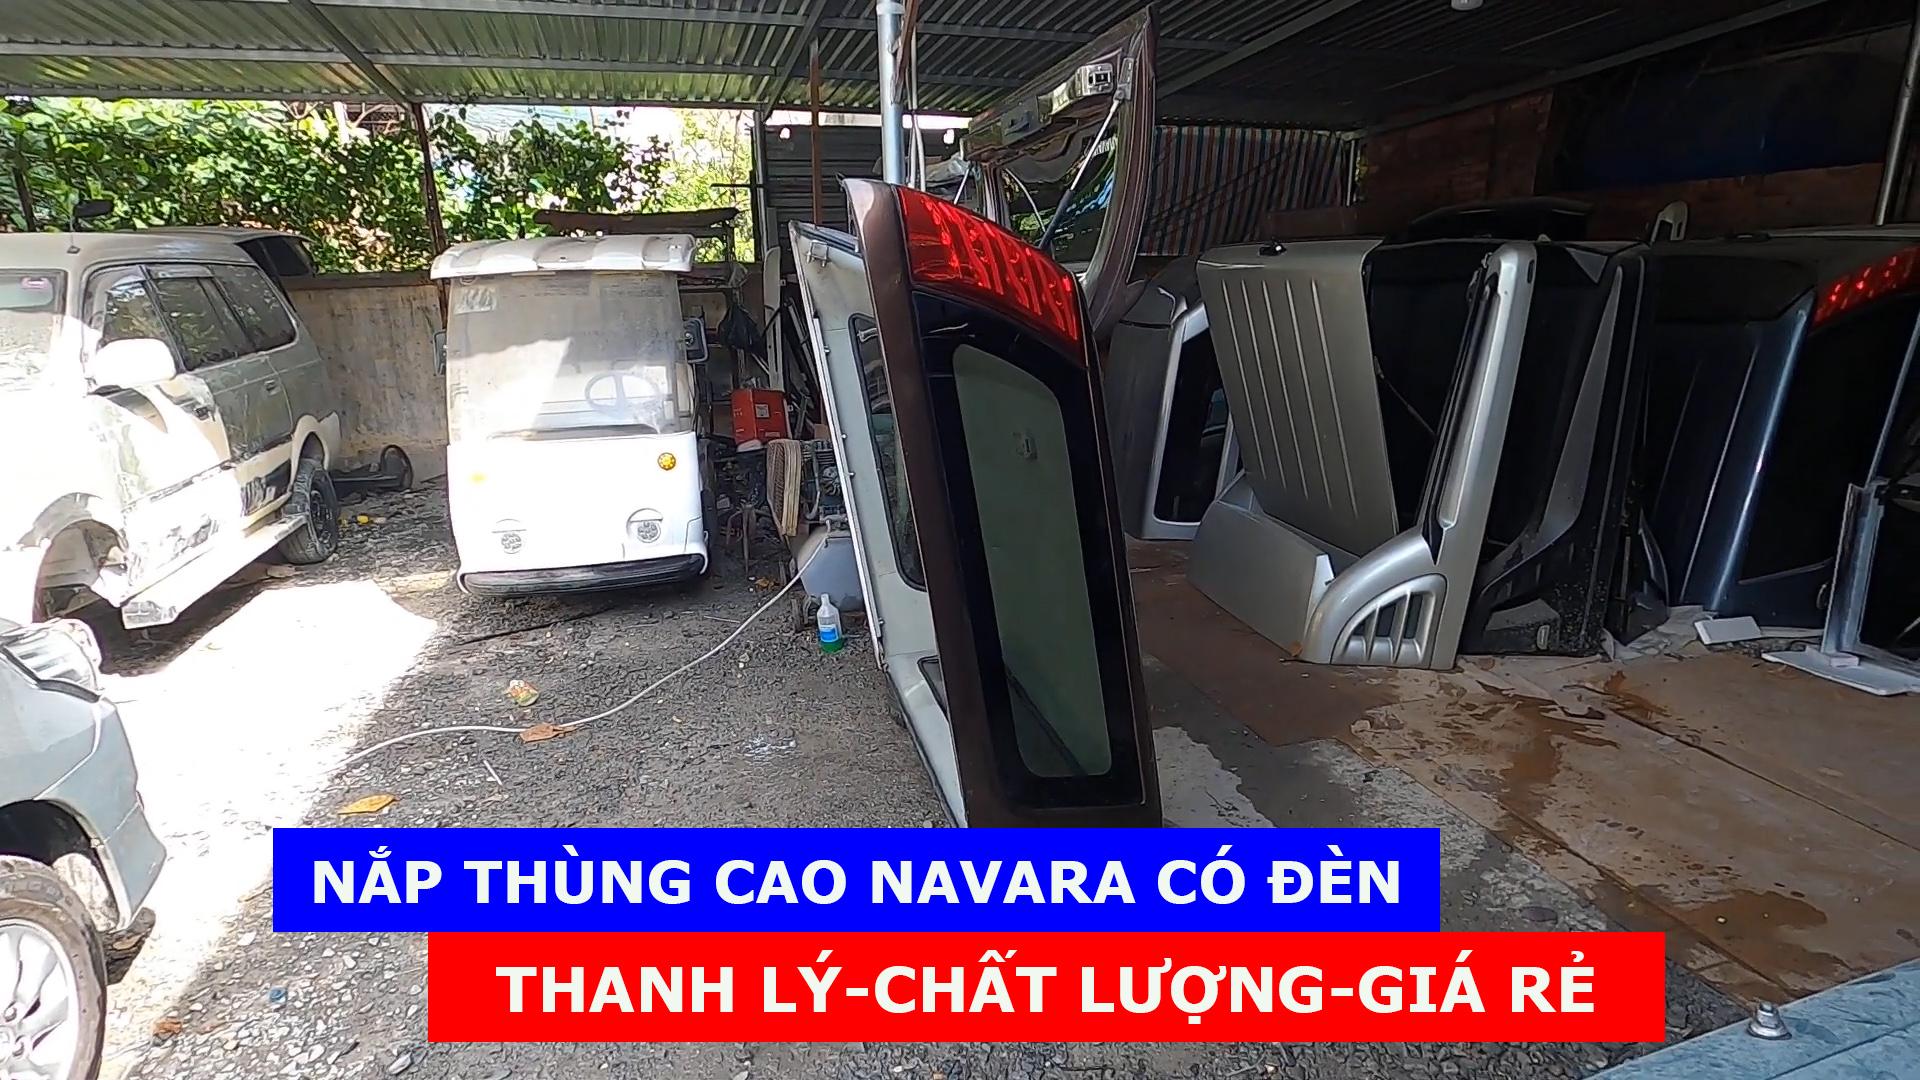 [Nắp Thùng Cũ Giá Rẻ]-Nắp thùng cao Navara cũ thanh lý giá rẻ – Mùa Covid năm 2021